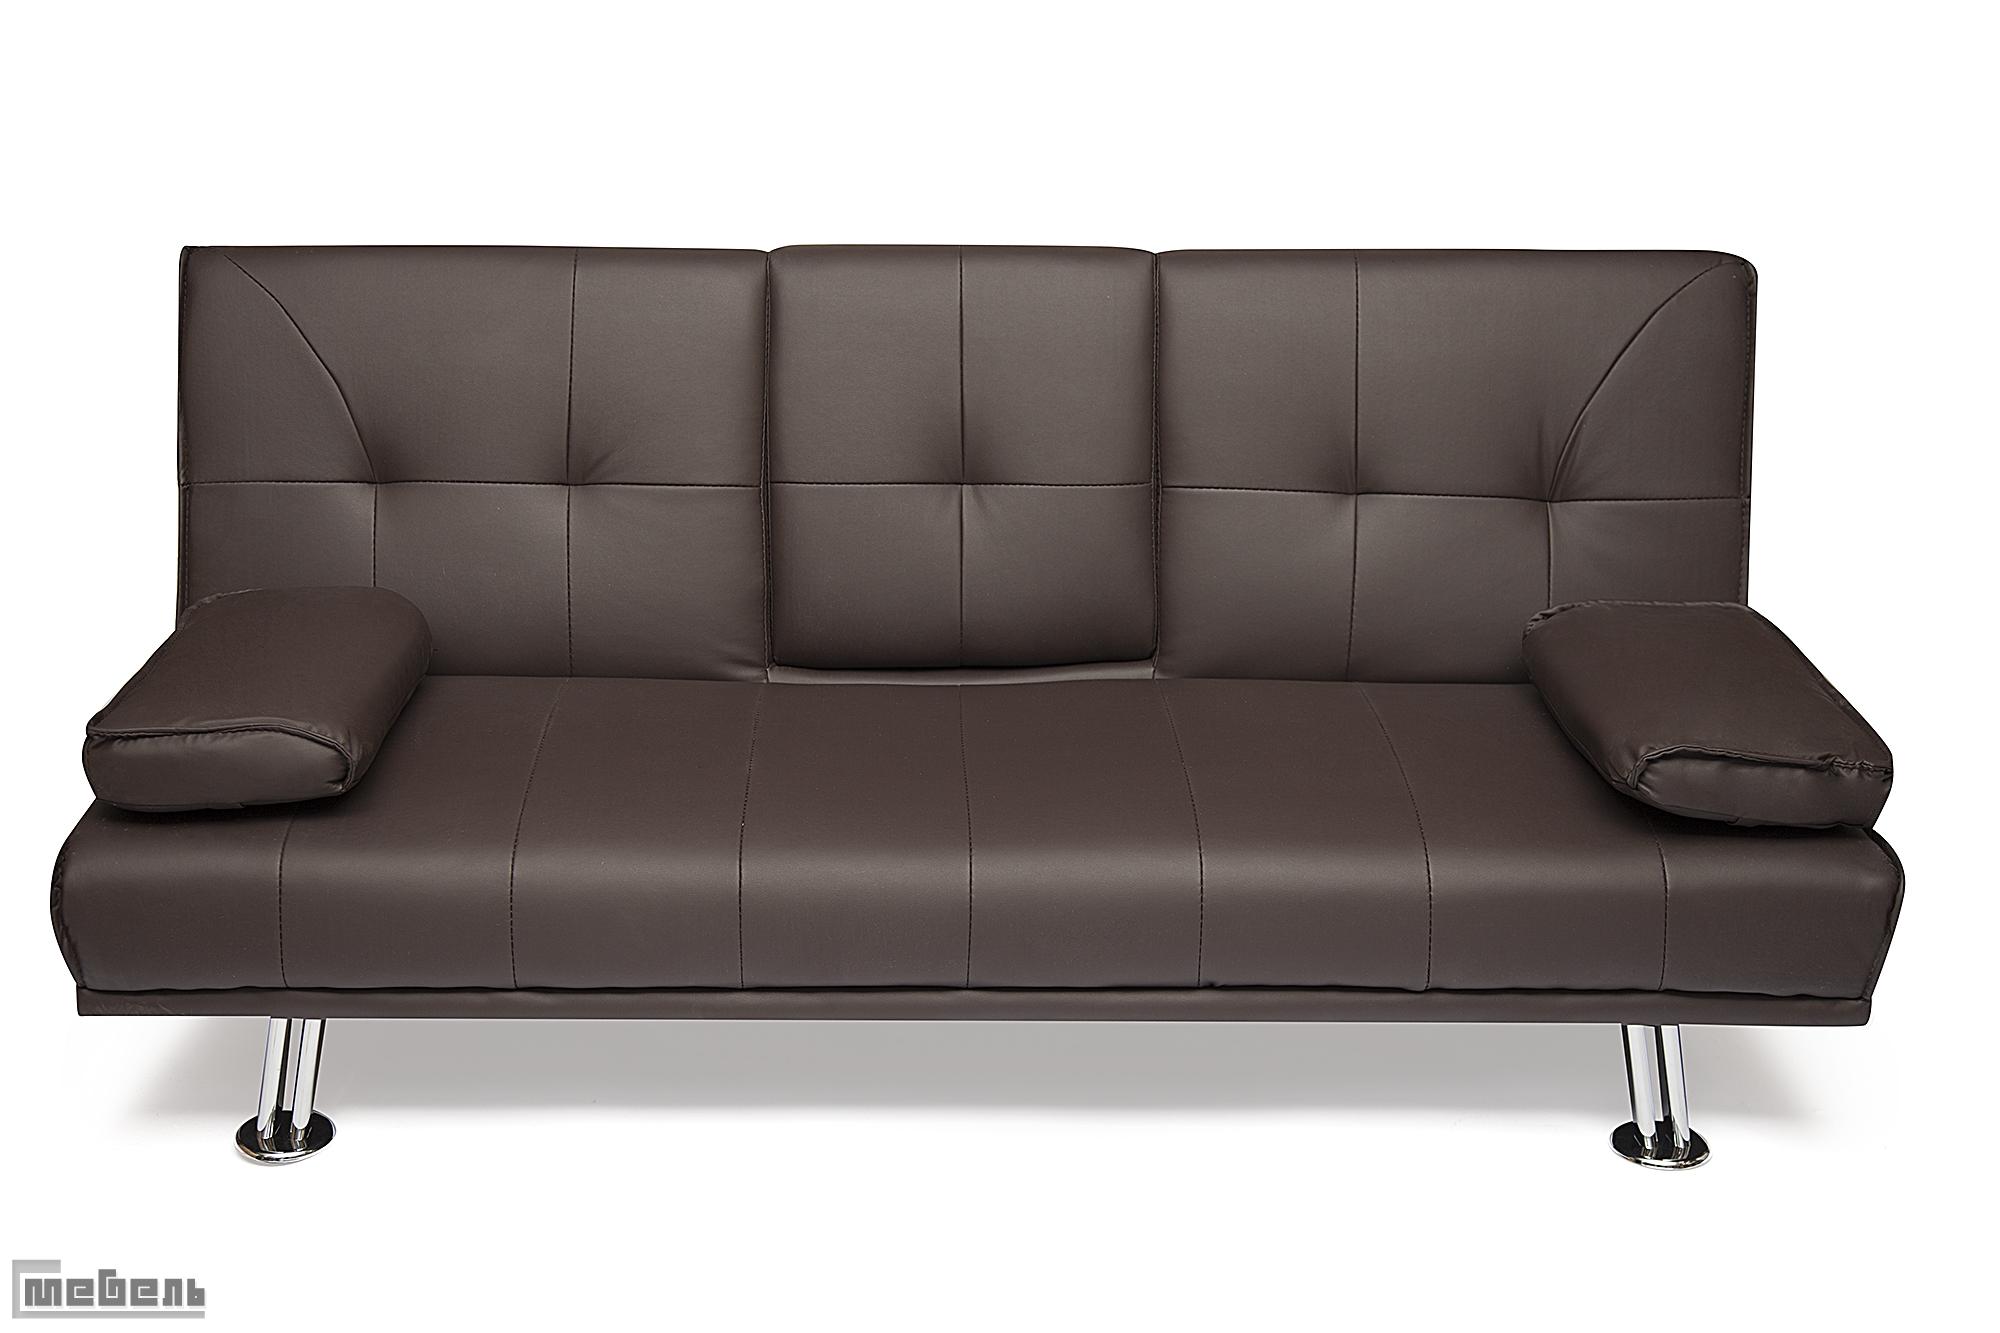 Откидные встроенные подъемные кровати с диваном в спальни и гостиной. . Шкаф диван кровати трансформеры